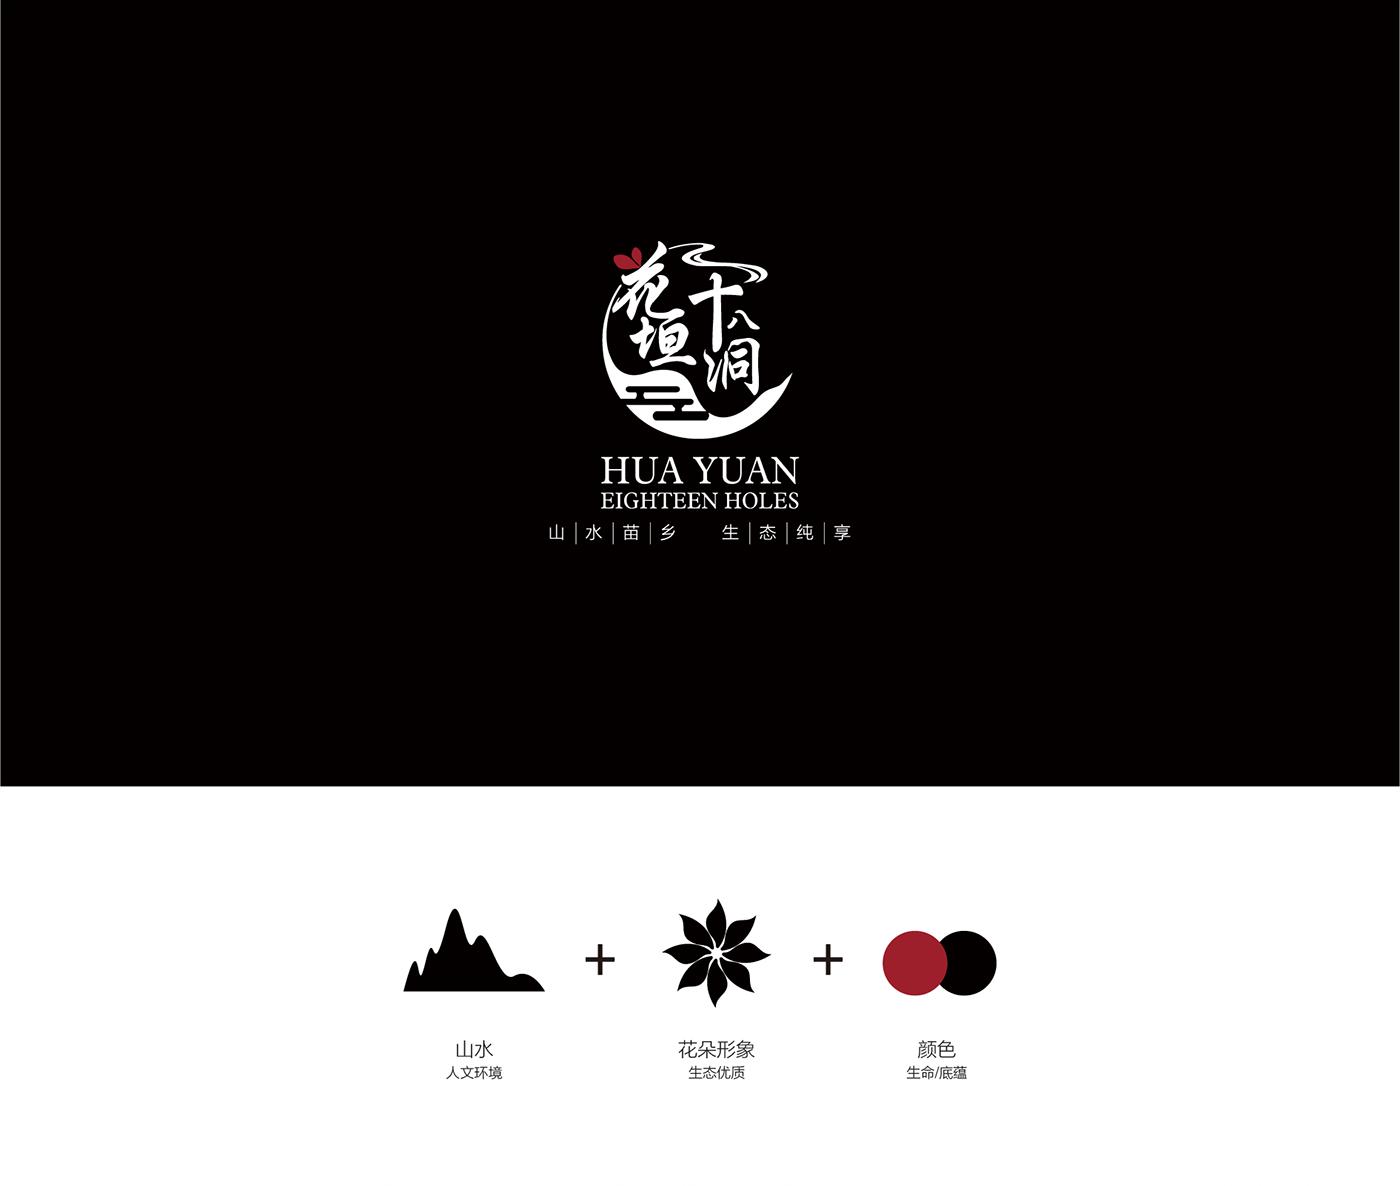 花垣十八洞<a href='http://www.6chuangyi.com/service/pinpaisheji/' title='' style='color:;font-weight:bold'>LOGO设计</a>_02.png